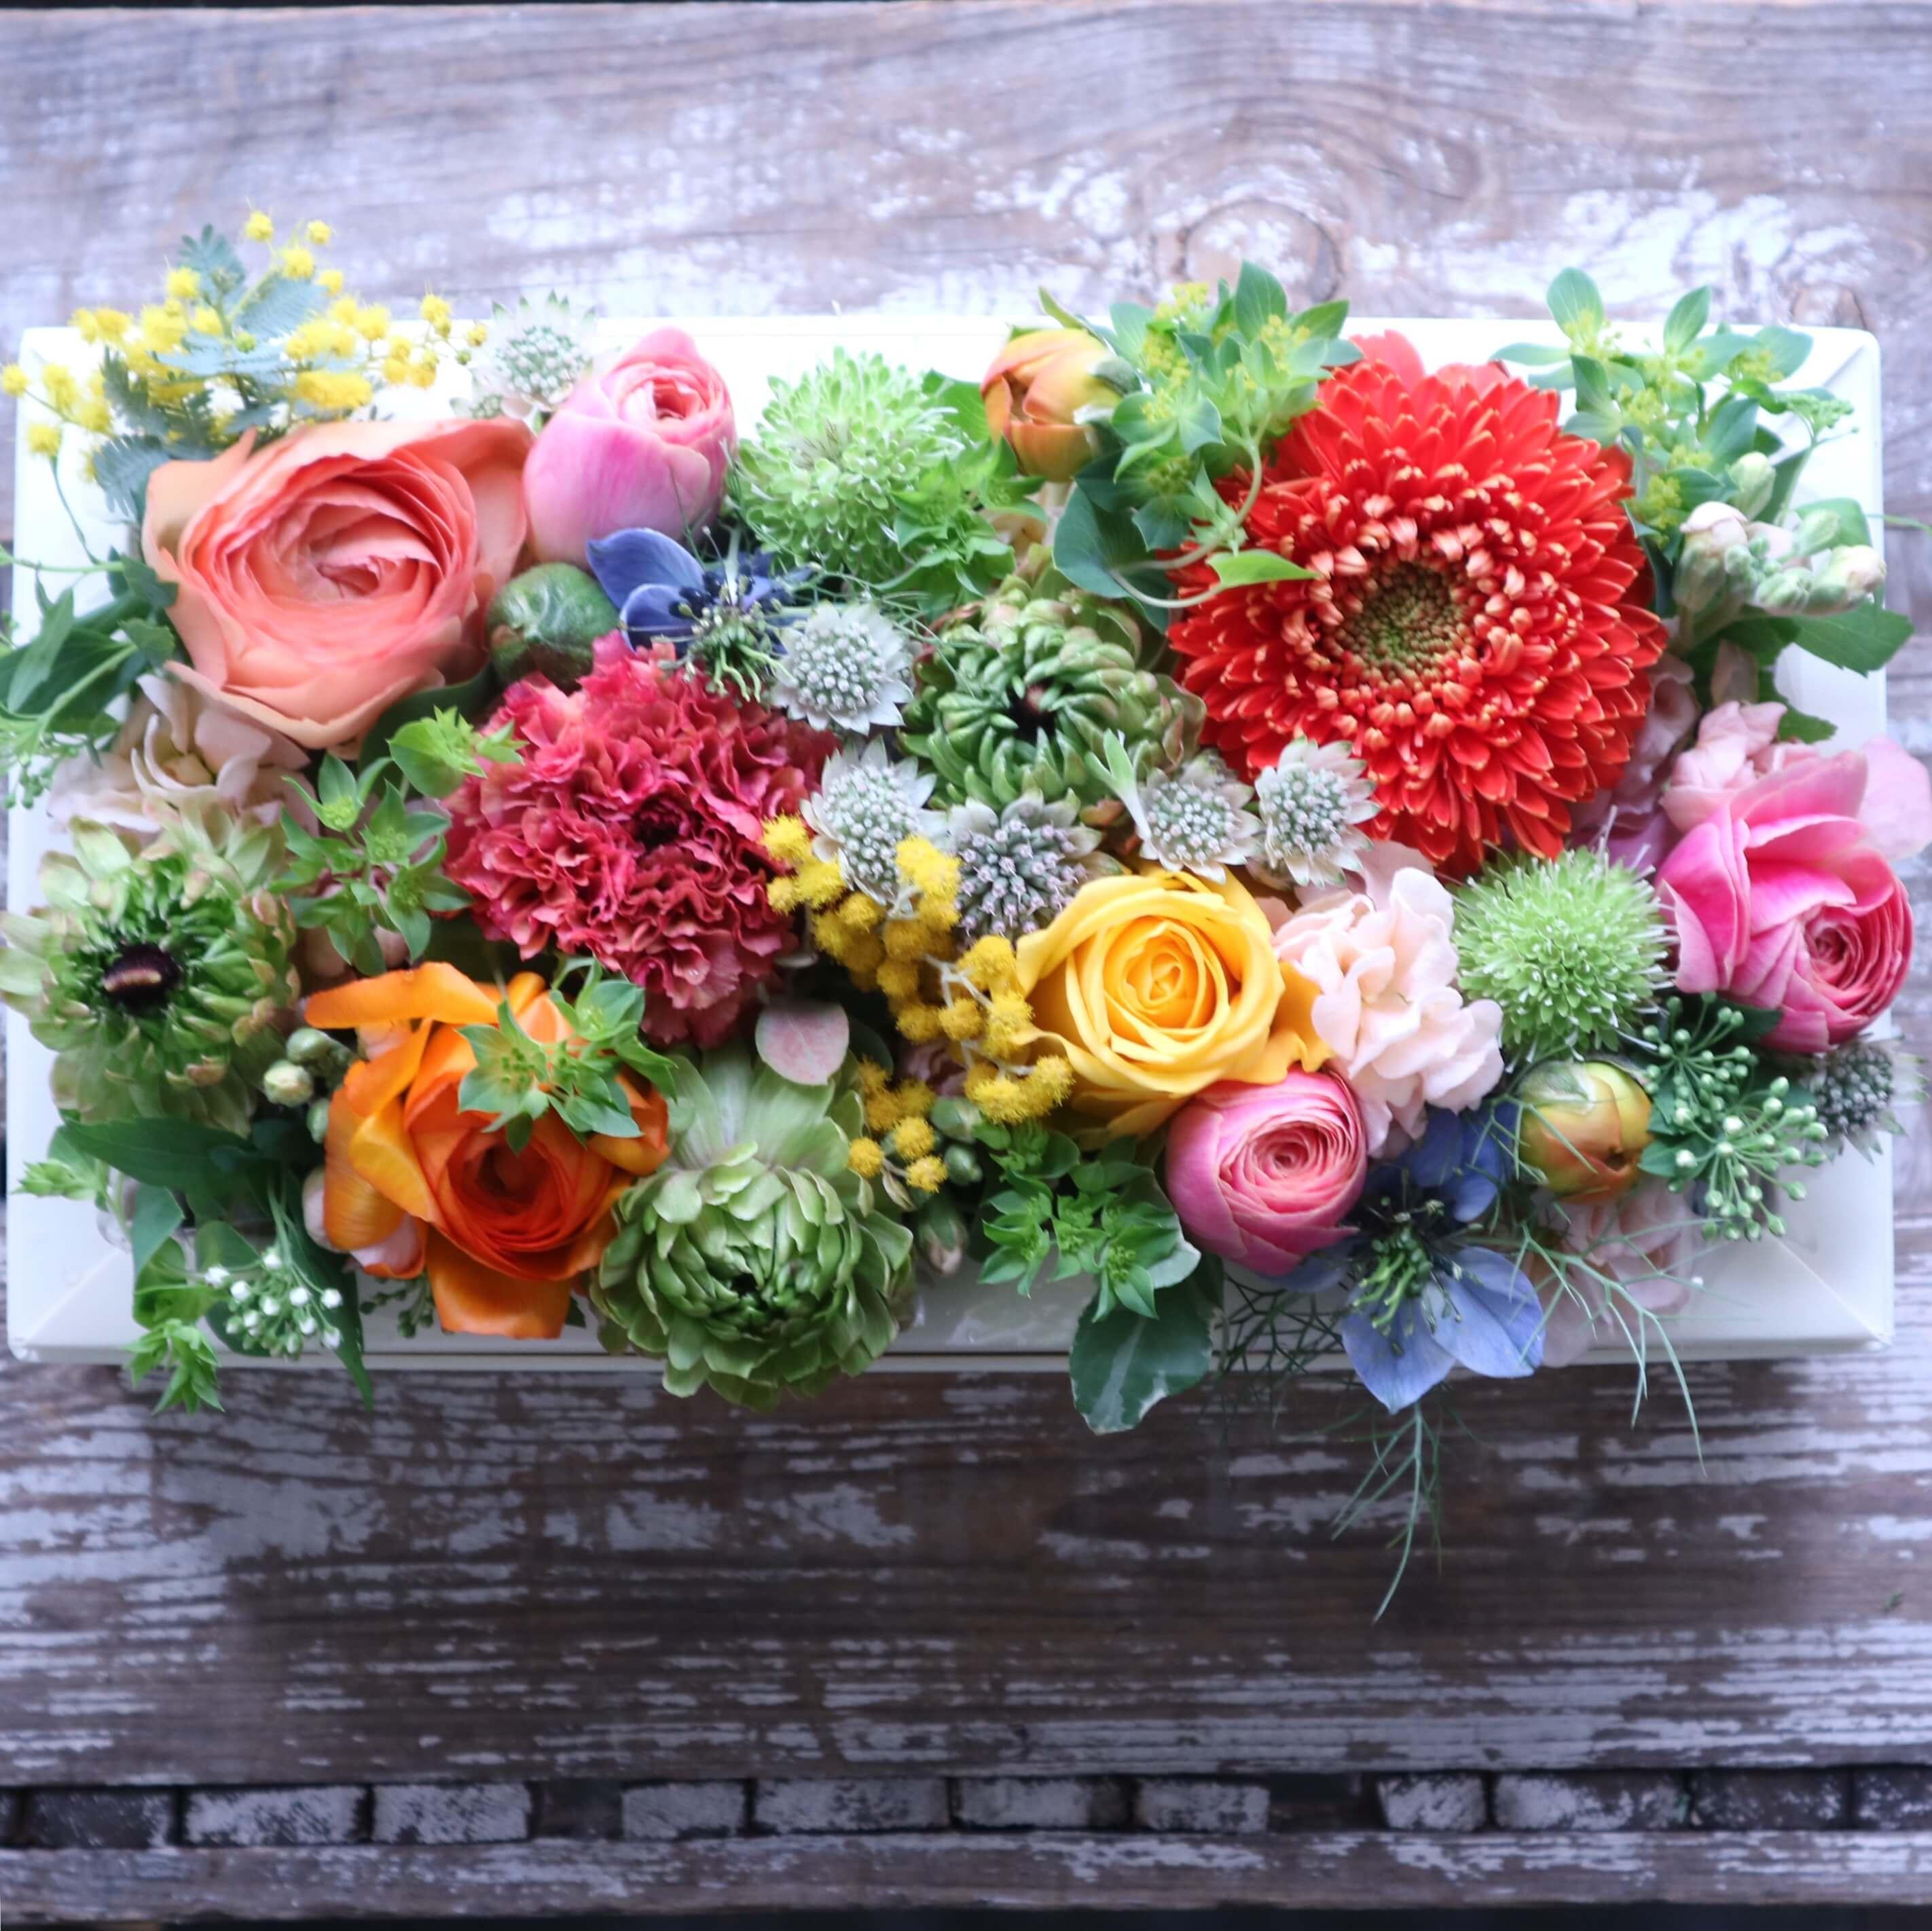 ボックスフラワーアレンジメント 色味:ビタミンカラフルに季節のお花でおまかせ の参考画像です